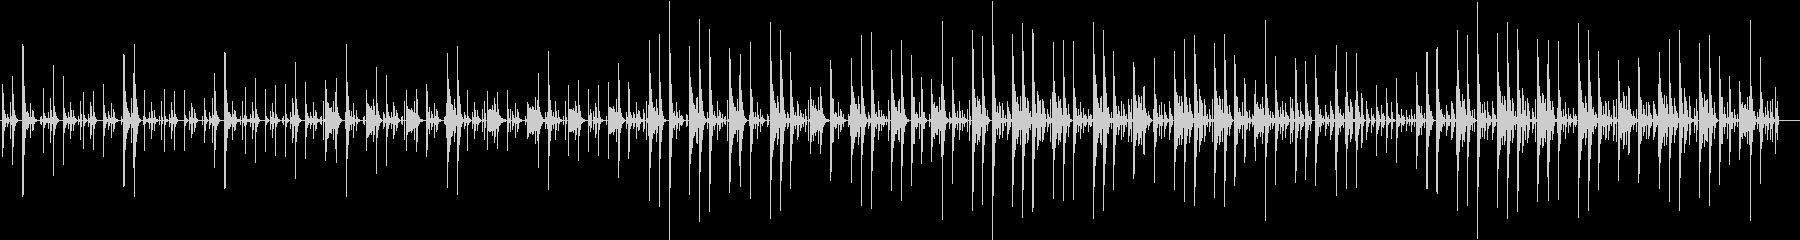 ほのぼのした場面などに使えるシンプルな曲の未再生の波形